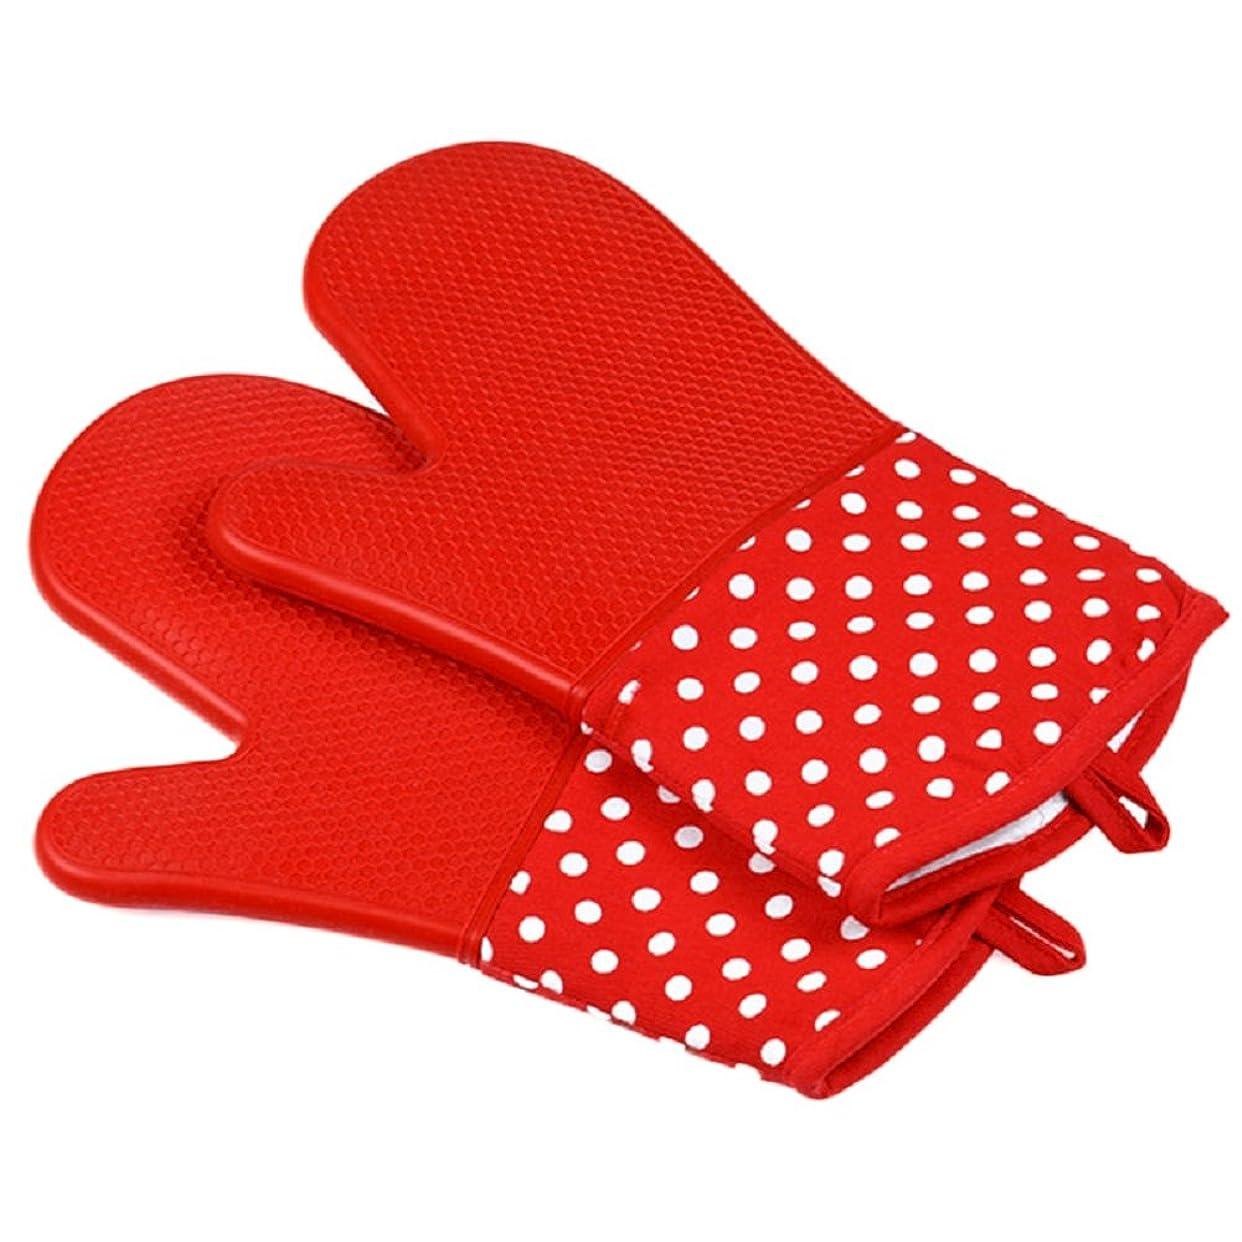 生活歩行者禁止するOUYOU 耐熱グローブ シリコンチェック 耐熱温度300℃ キッチングローブ オーブンミトン シリコン手袋 滑り止め クッキング用 フリーサイズ 2個セット